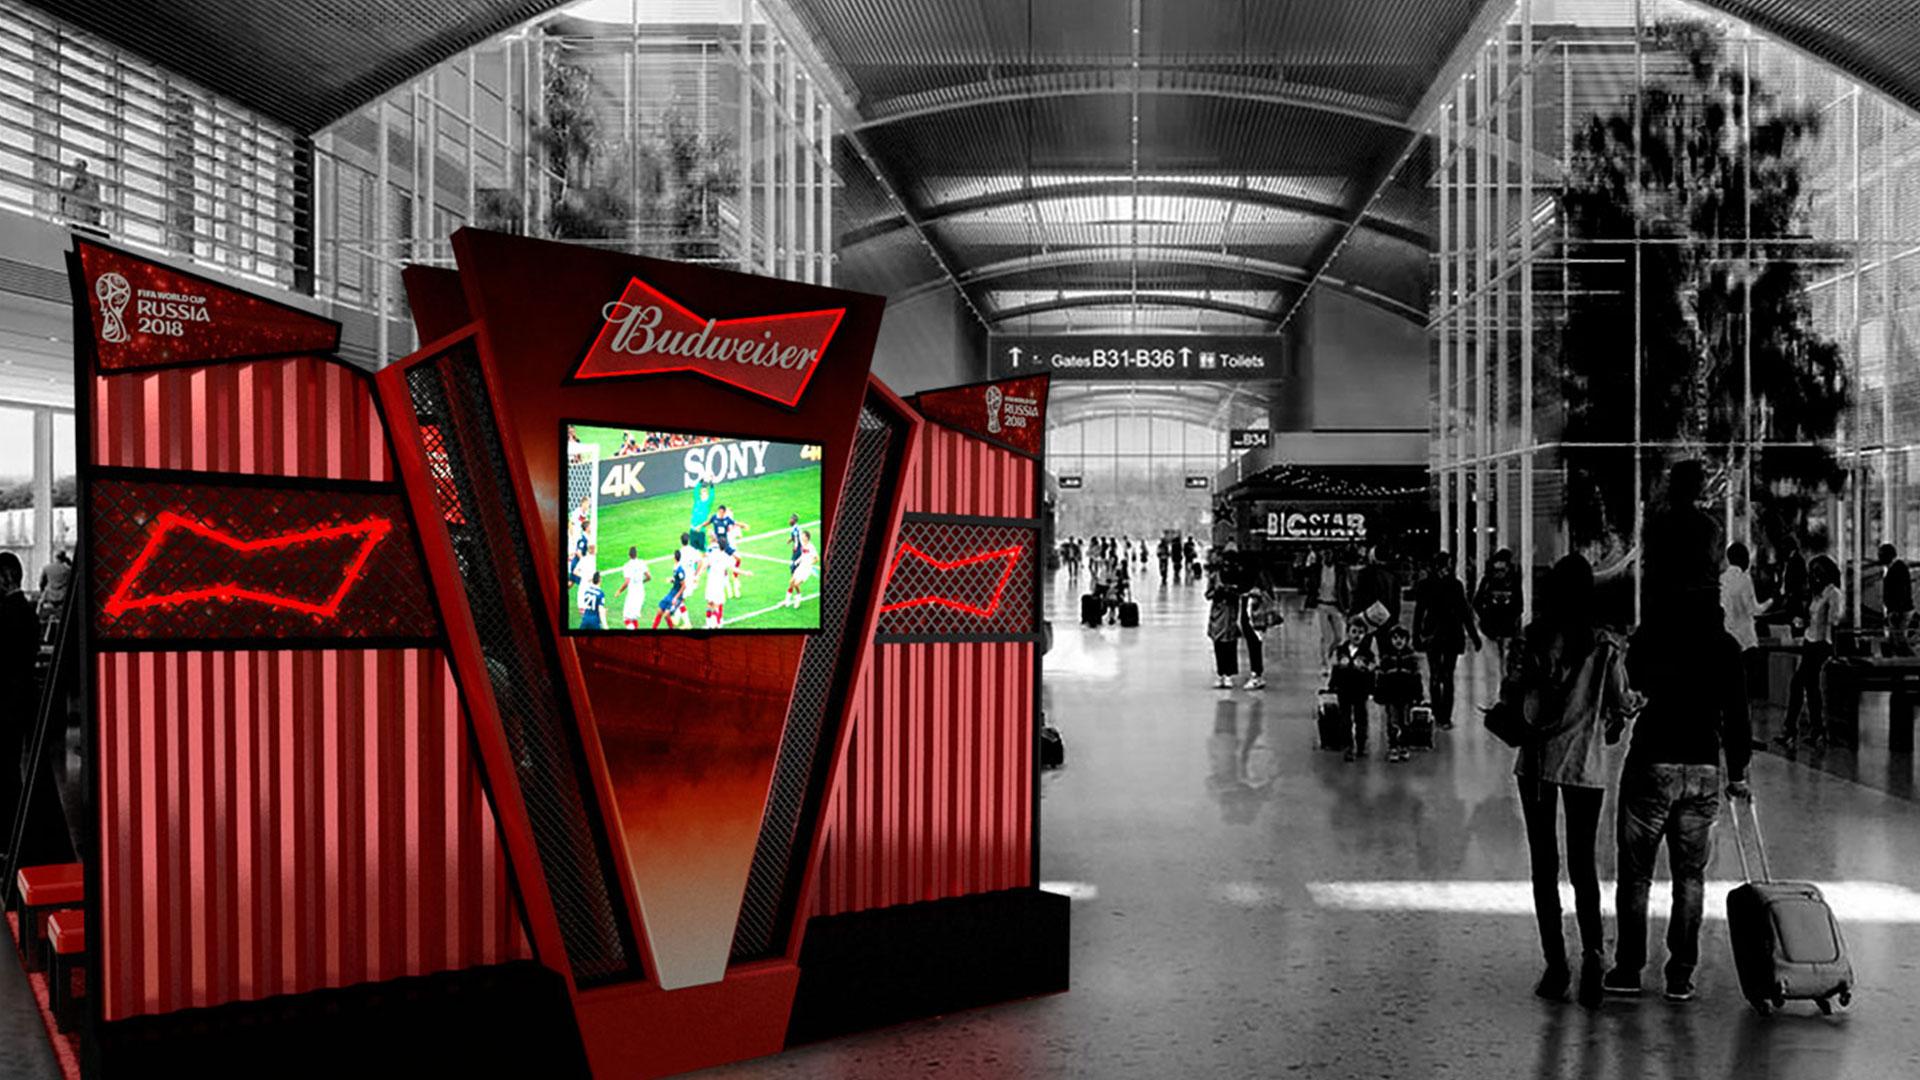 Budweiser 33 - 360 Grados